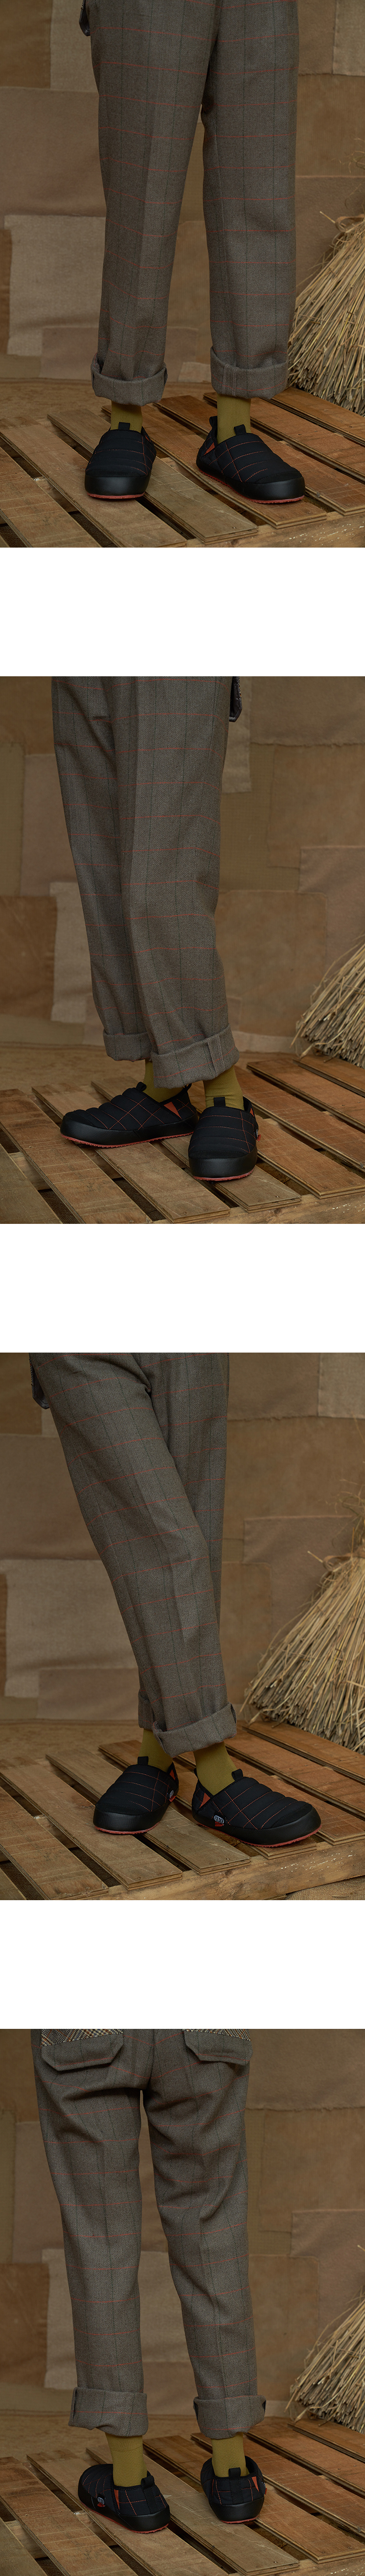 폴더 라벨(FOLDER LABEL) UxF 이글루 / 블랙